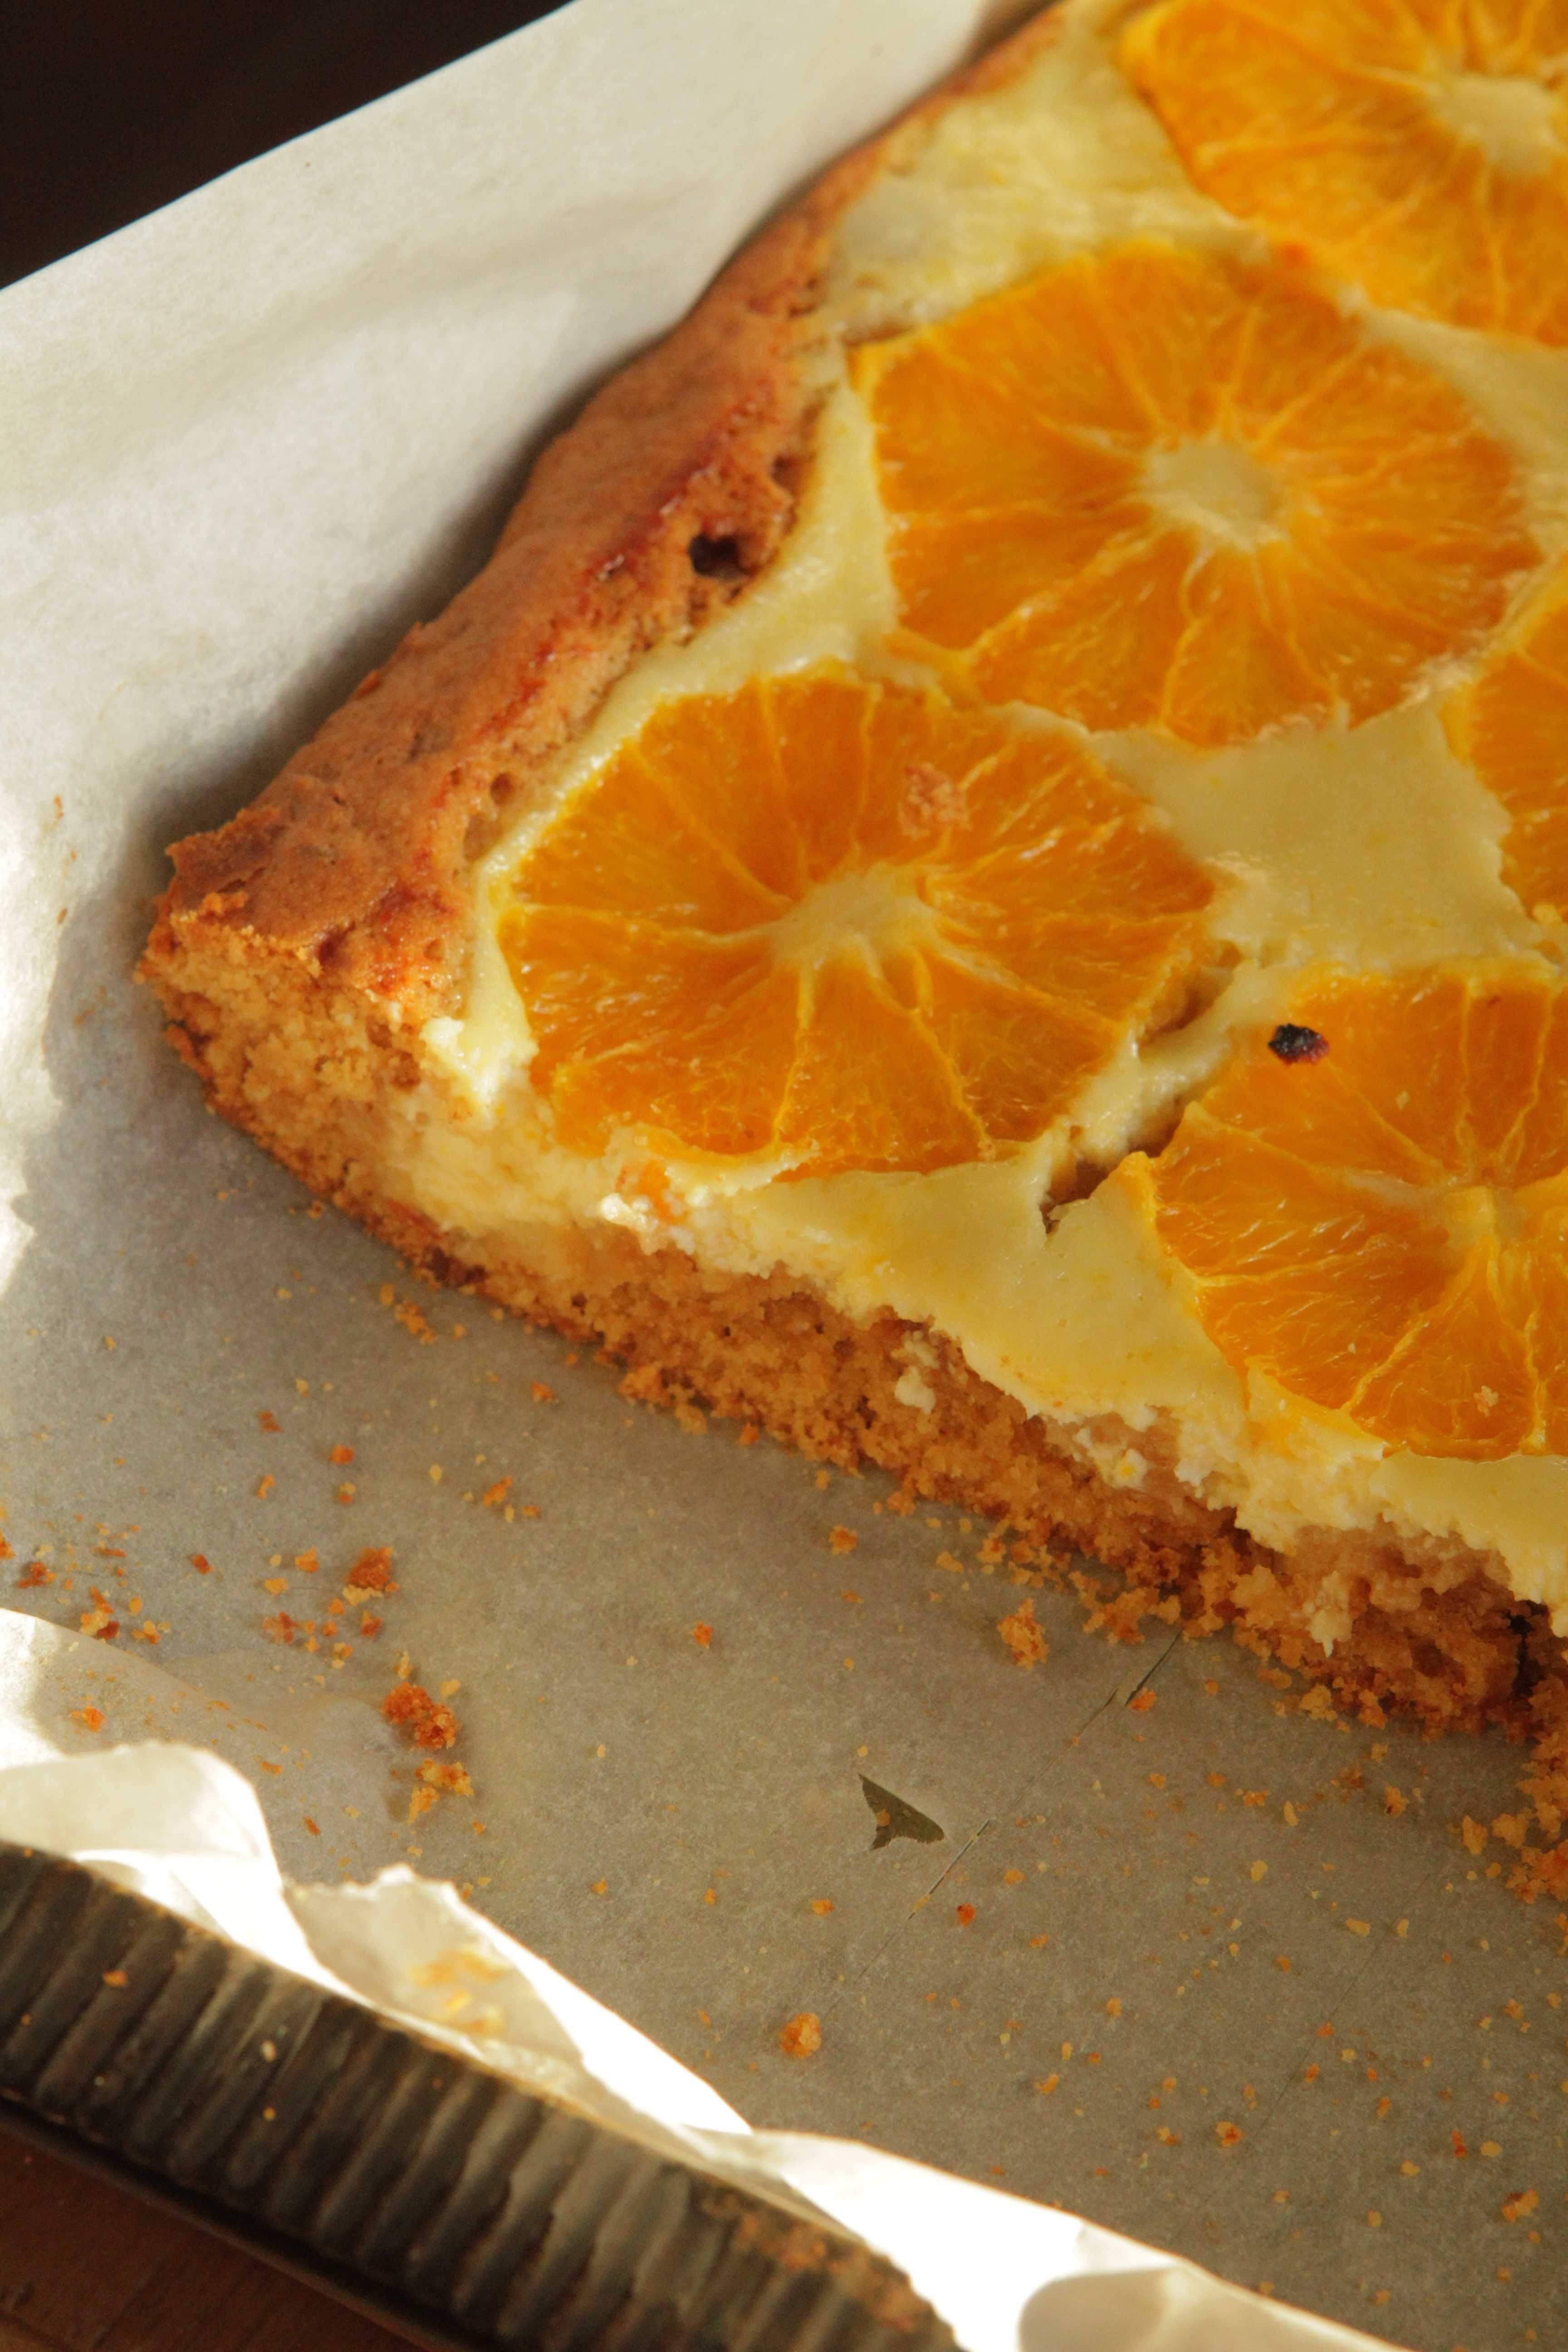 Appelsiinipiirakka, appelsiinipiiras, ihana piirakka, helppo piirakka, nopea leipoa, appelsiinitorttu, pääsiäistorttu, rahkapiirakka, appelsiinirahka, appelsiinirahkapiirakka, pääisäisherkku, leivo pääsiäiseksi, itse tehty piirakka, mitä leipoa appelsiinista, appelsiini, paras piirakkapohja, helppo piirakka, nopea piirakka